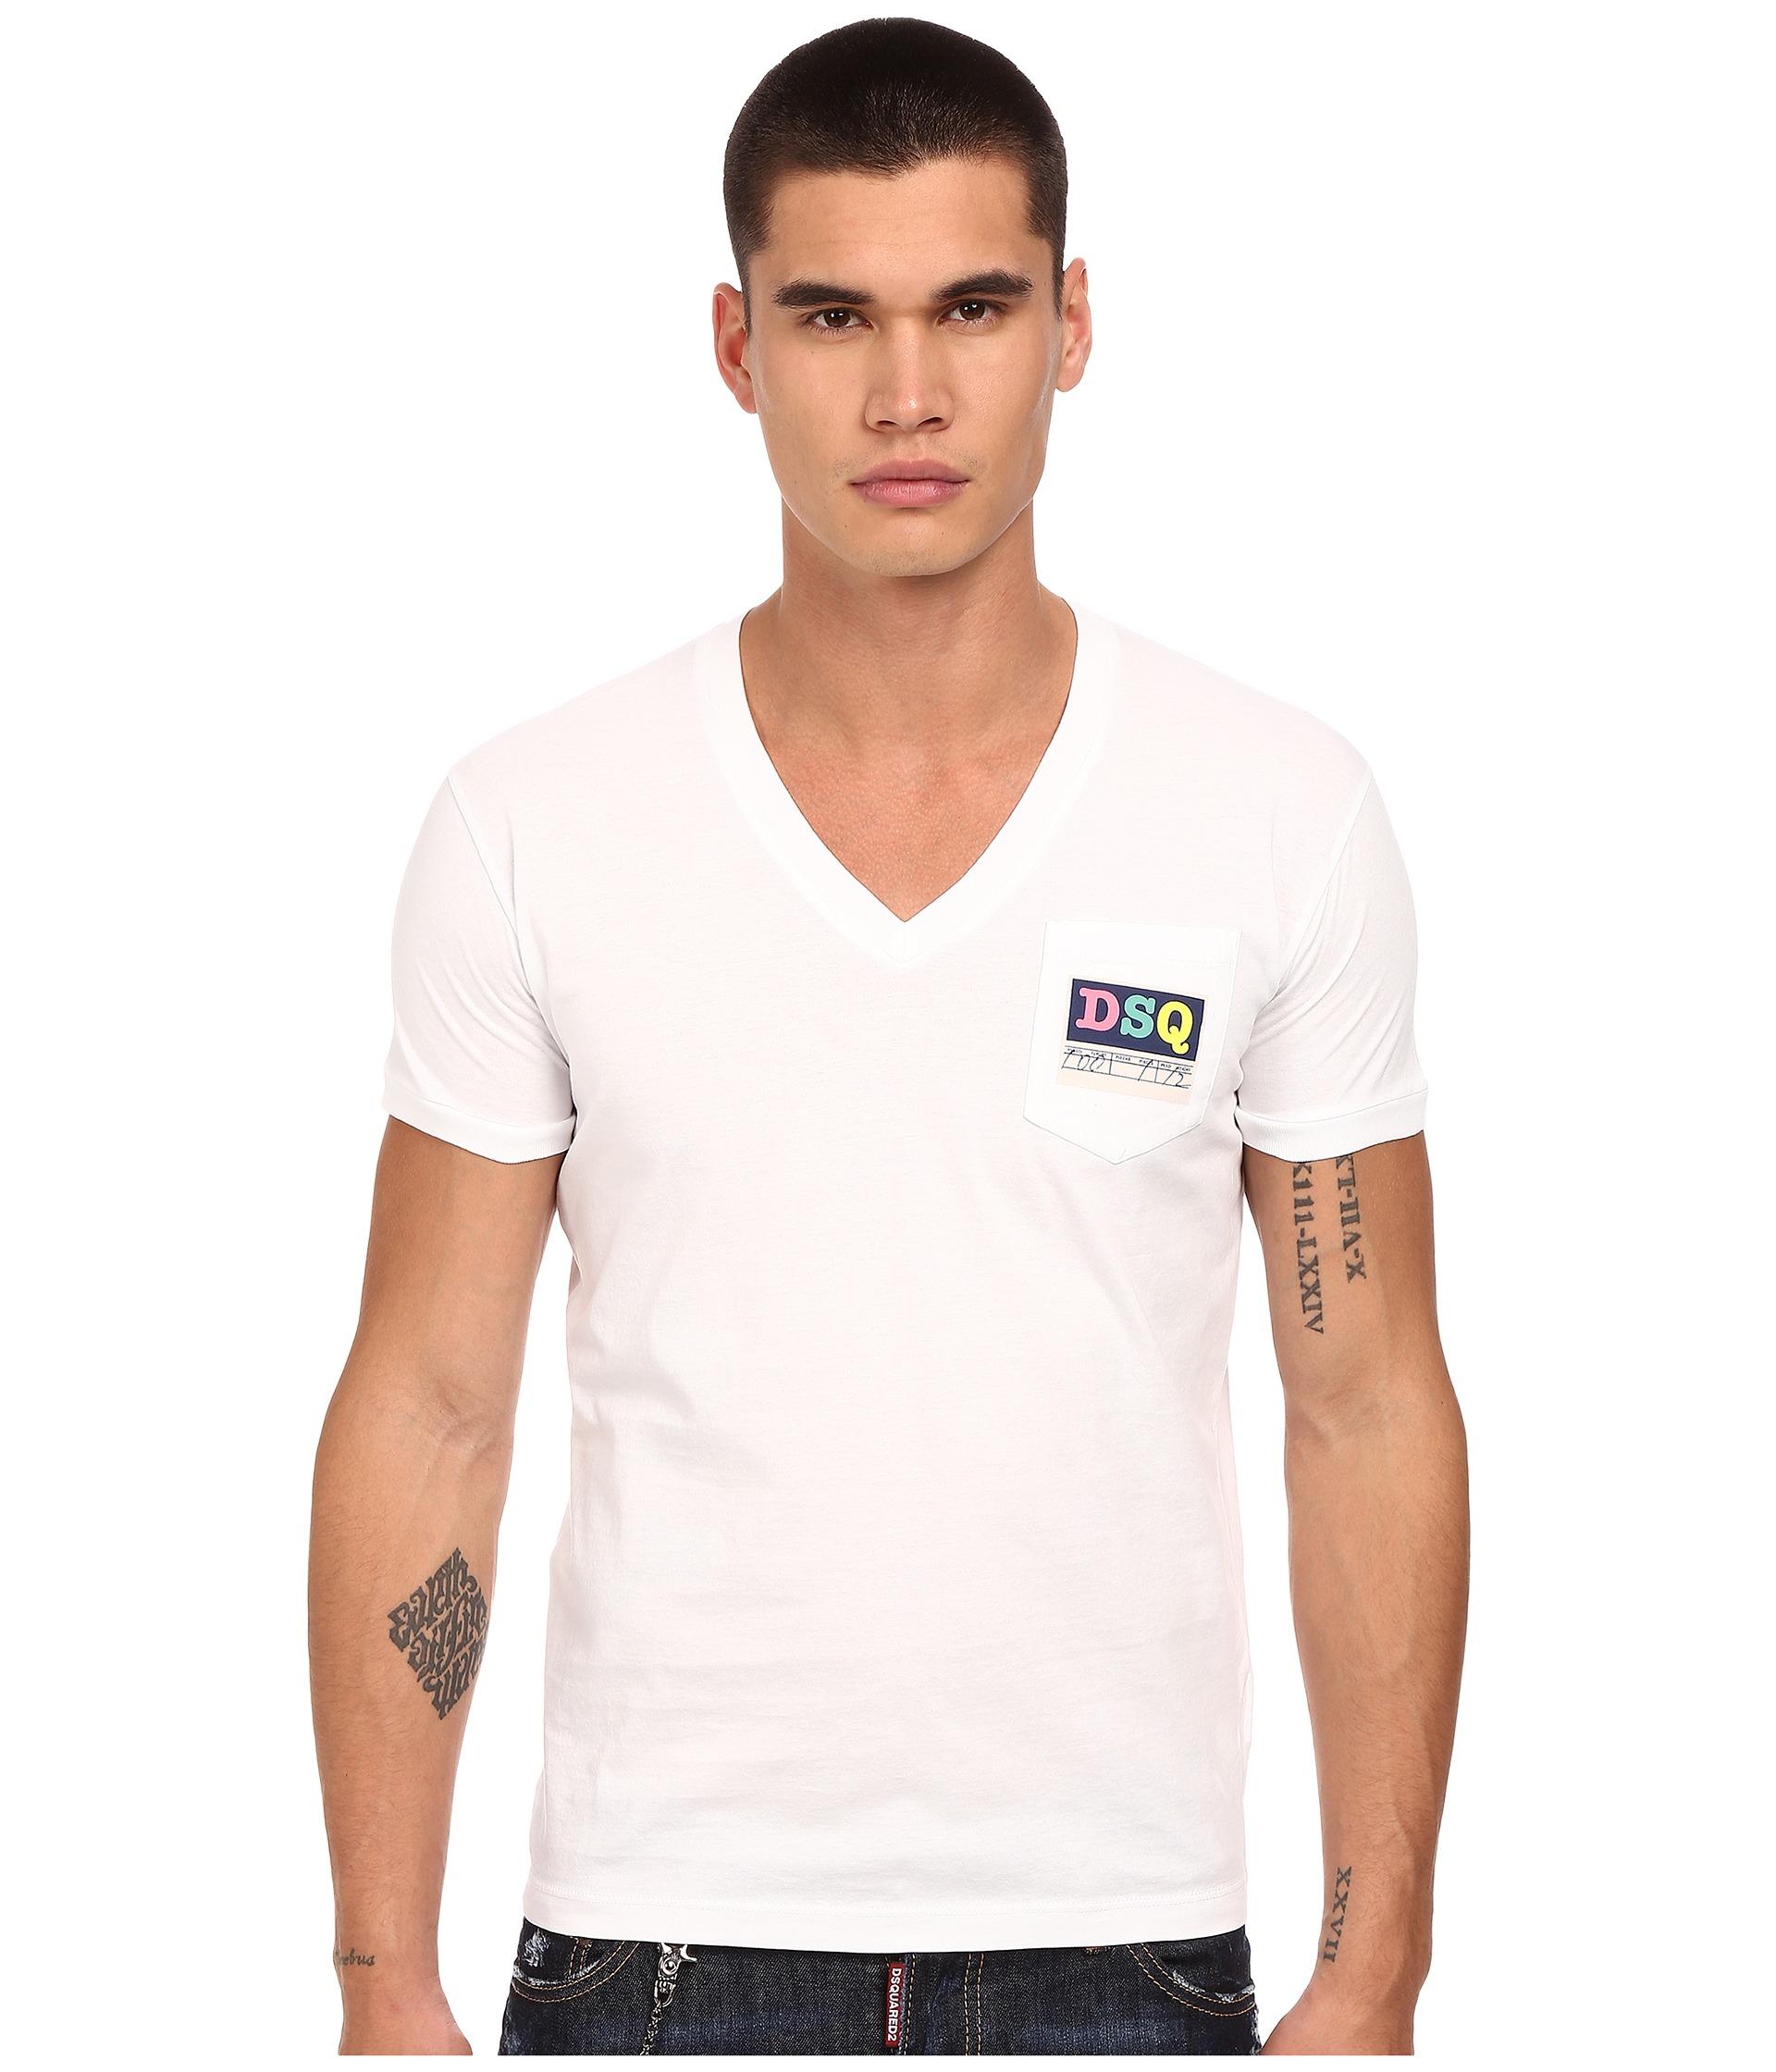 Dsquared logo pocket v neck t shirt in white for men lyst for Men s v neck pocket tee shirts